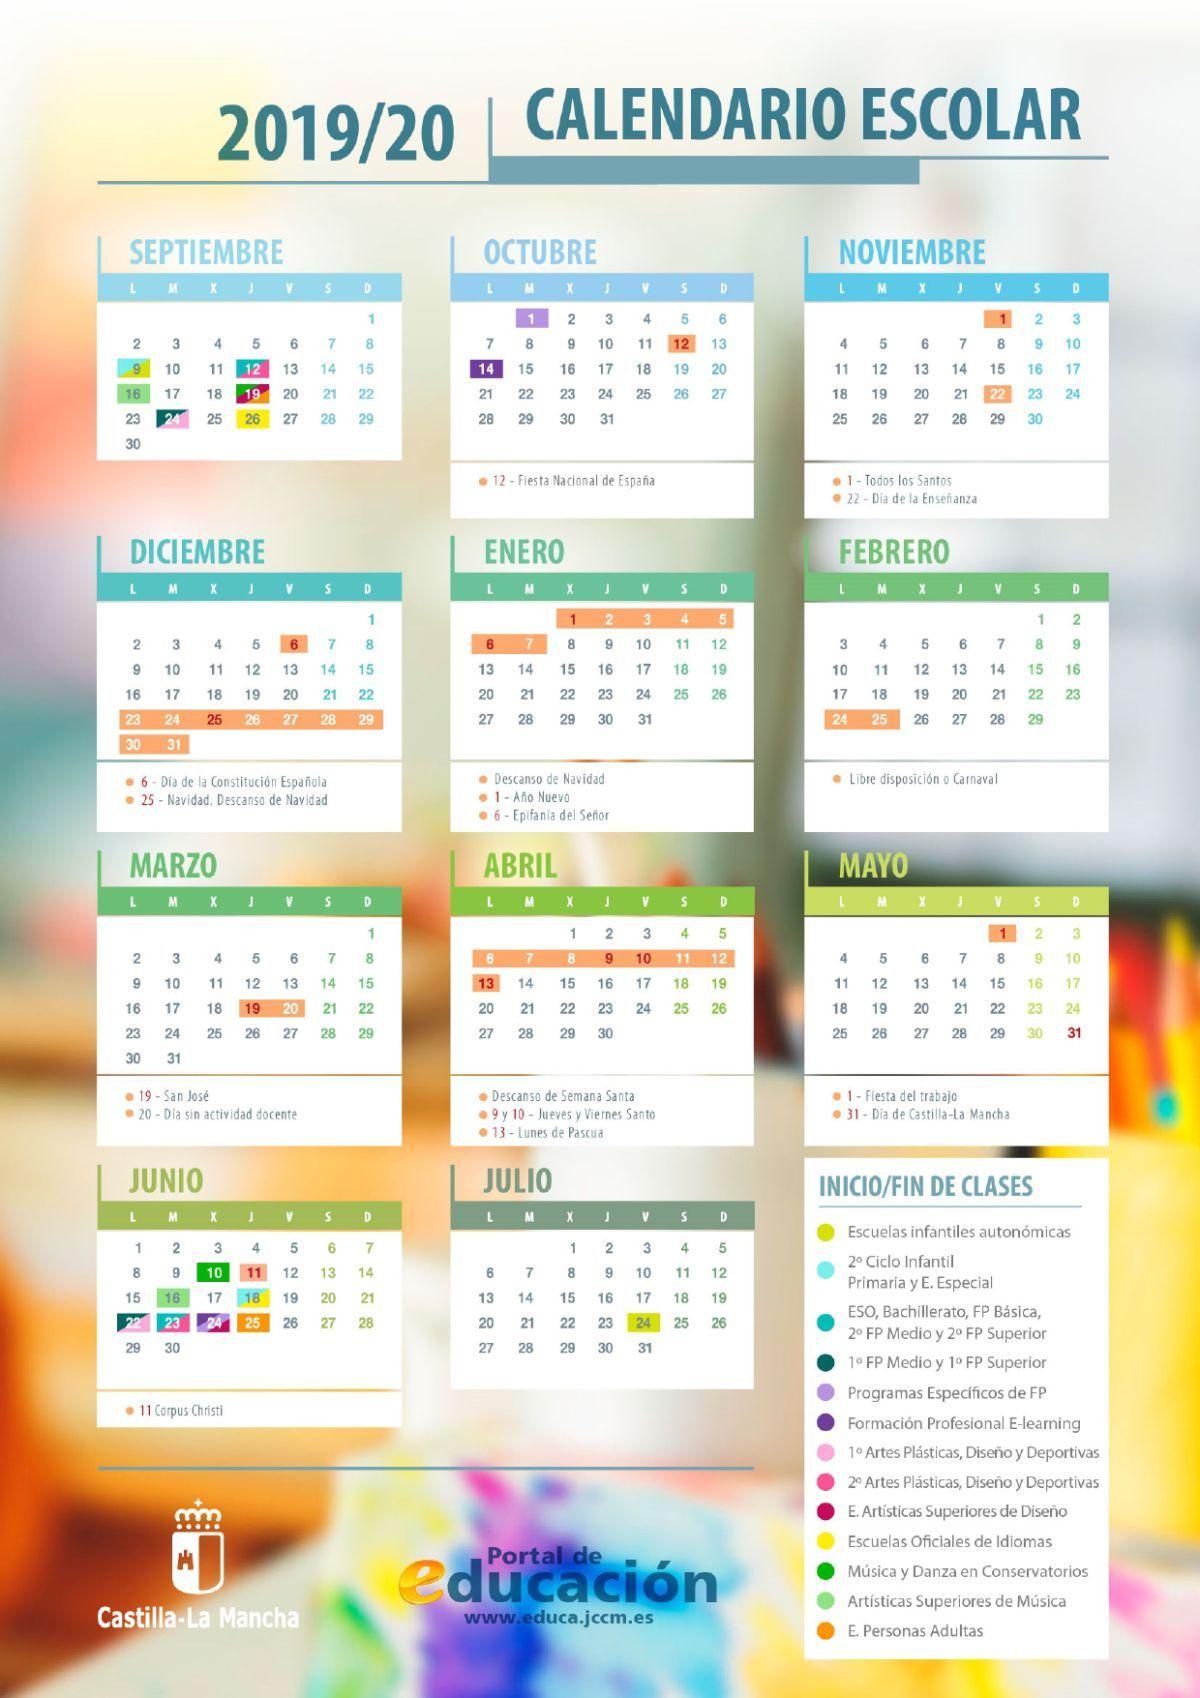 clasificación de medicamentos para la erección calendario 2020